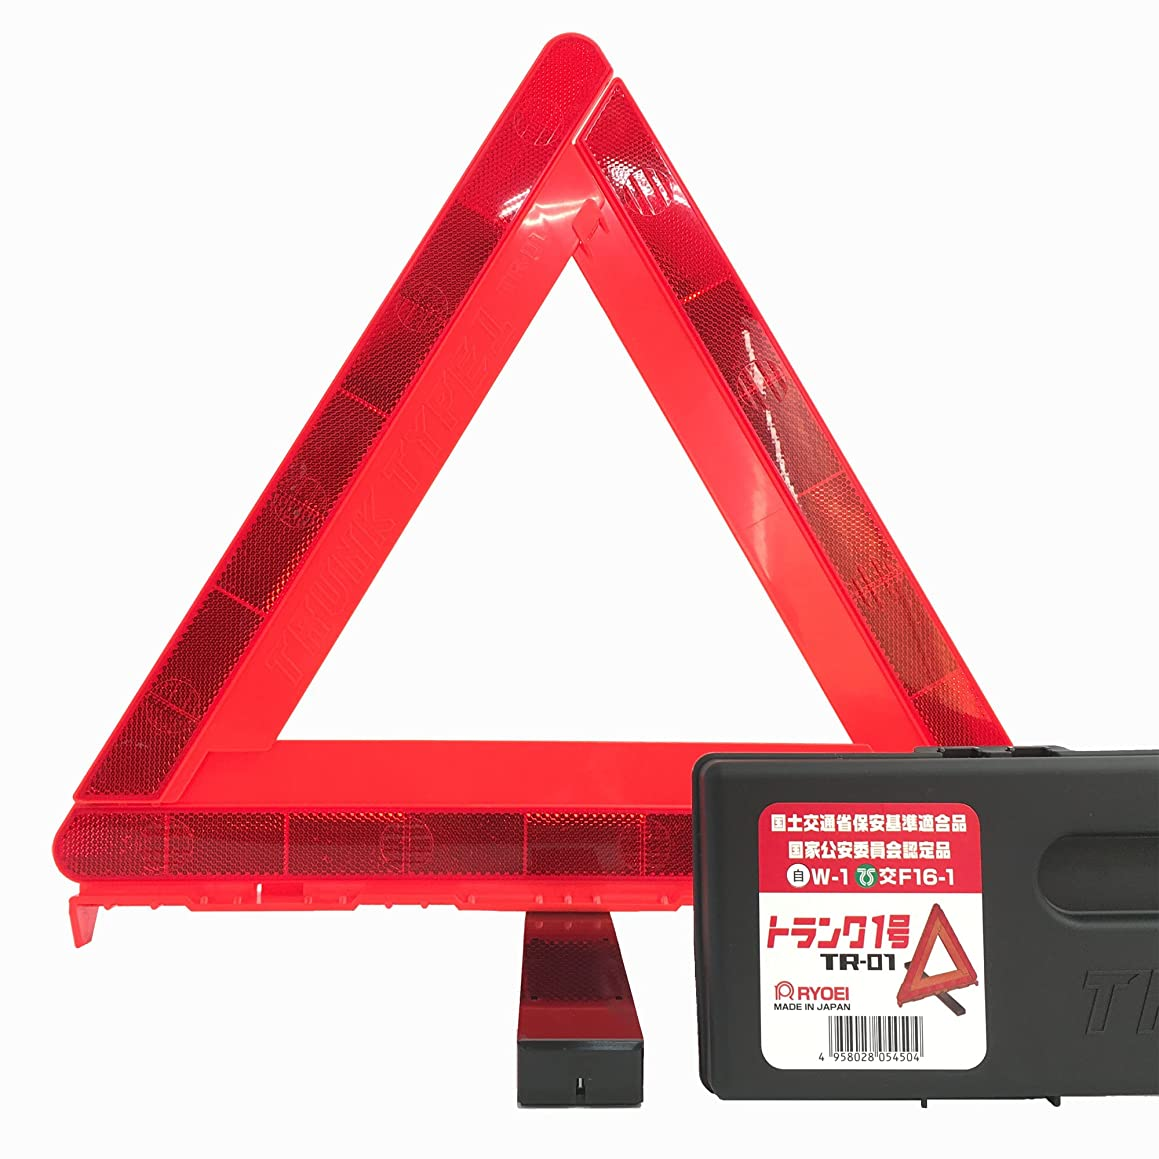 クリークレイアウト追う停止表示板?警告反射板 RYOEI トランク1号 TR-01